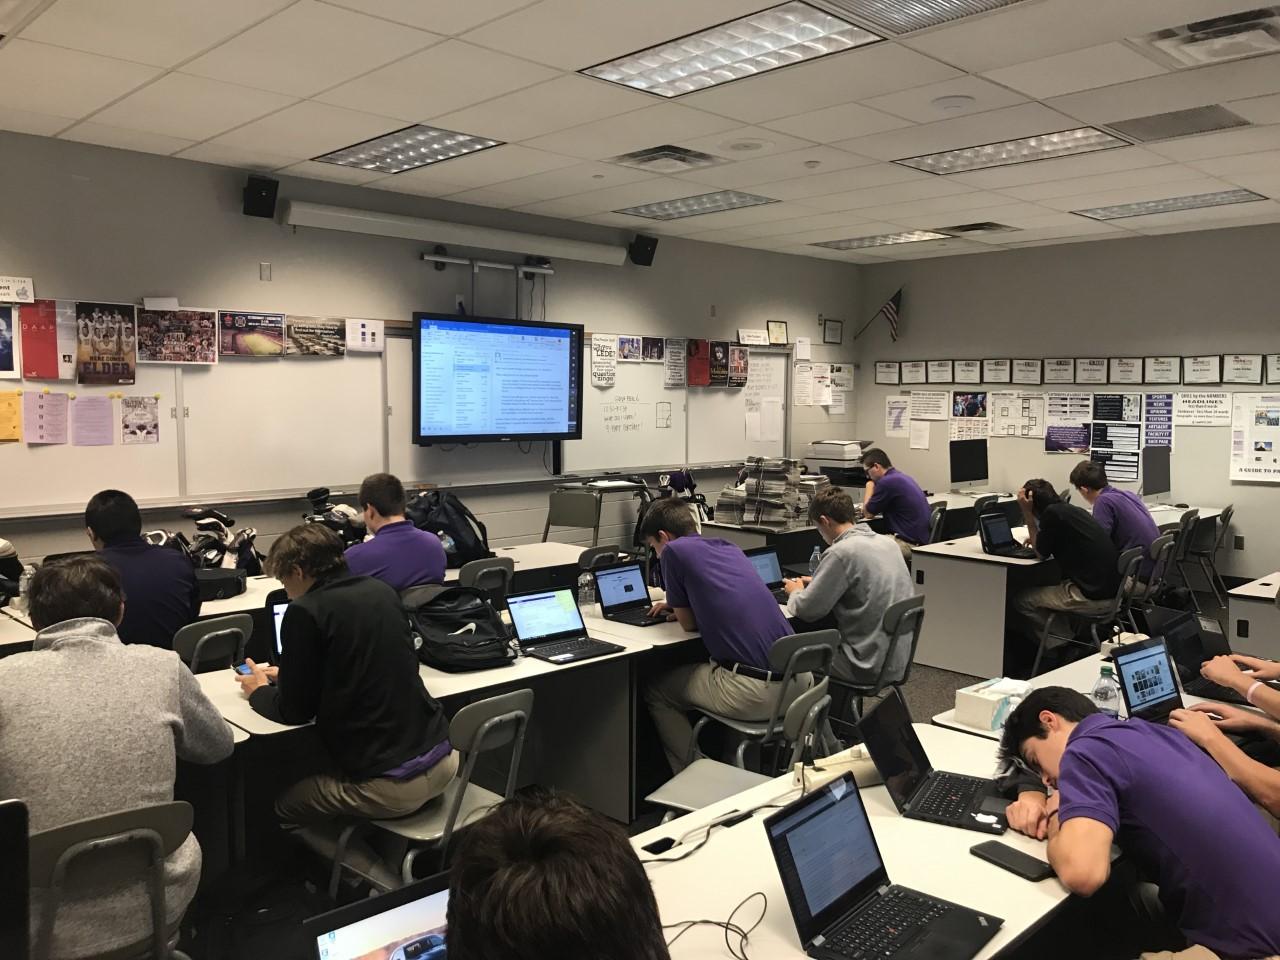 Class in flex period